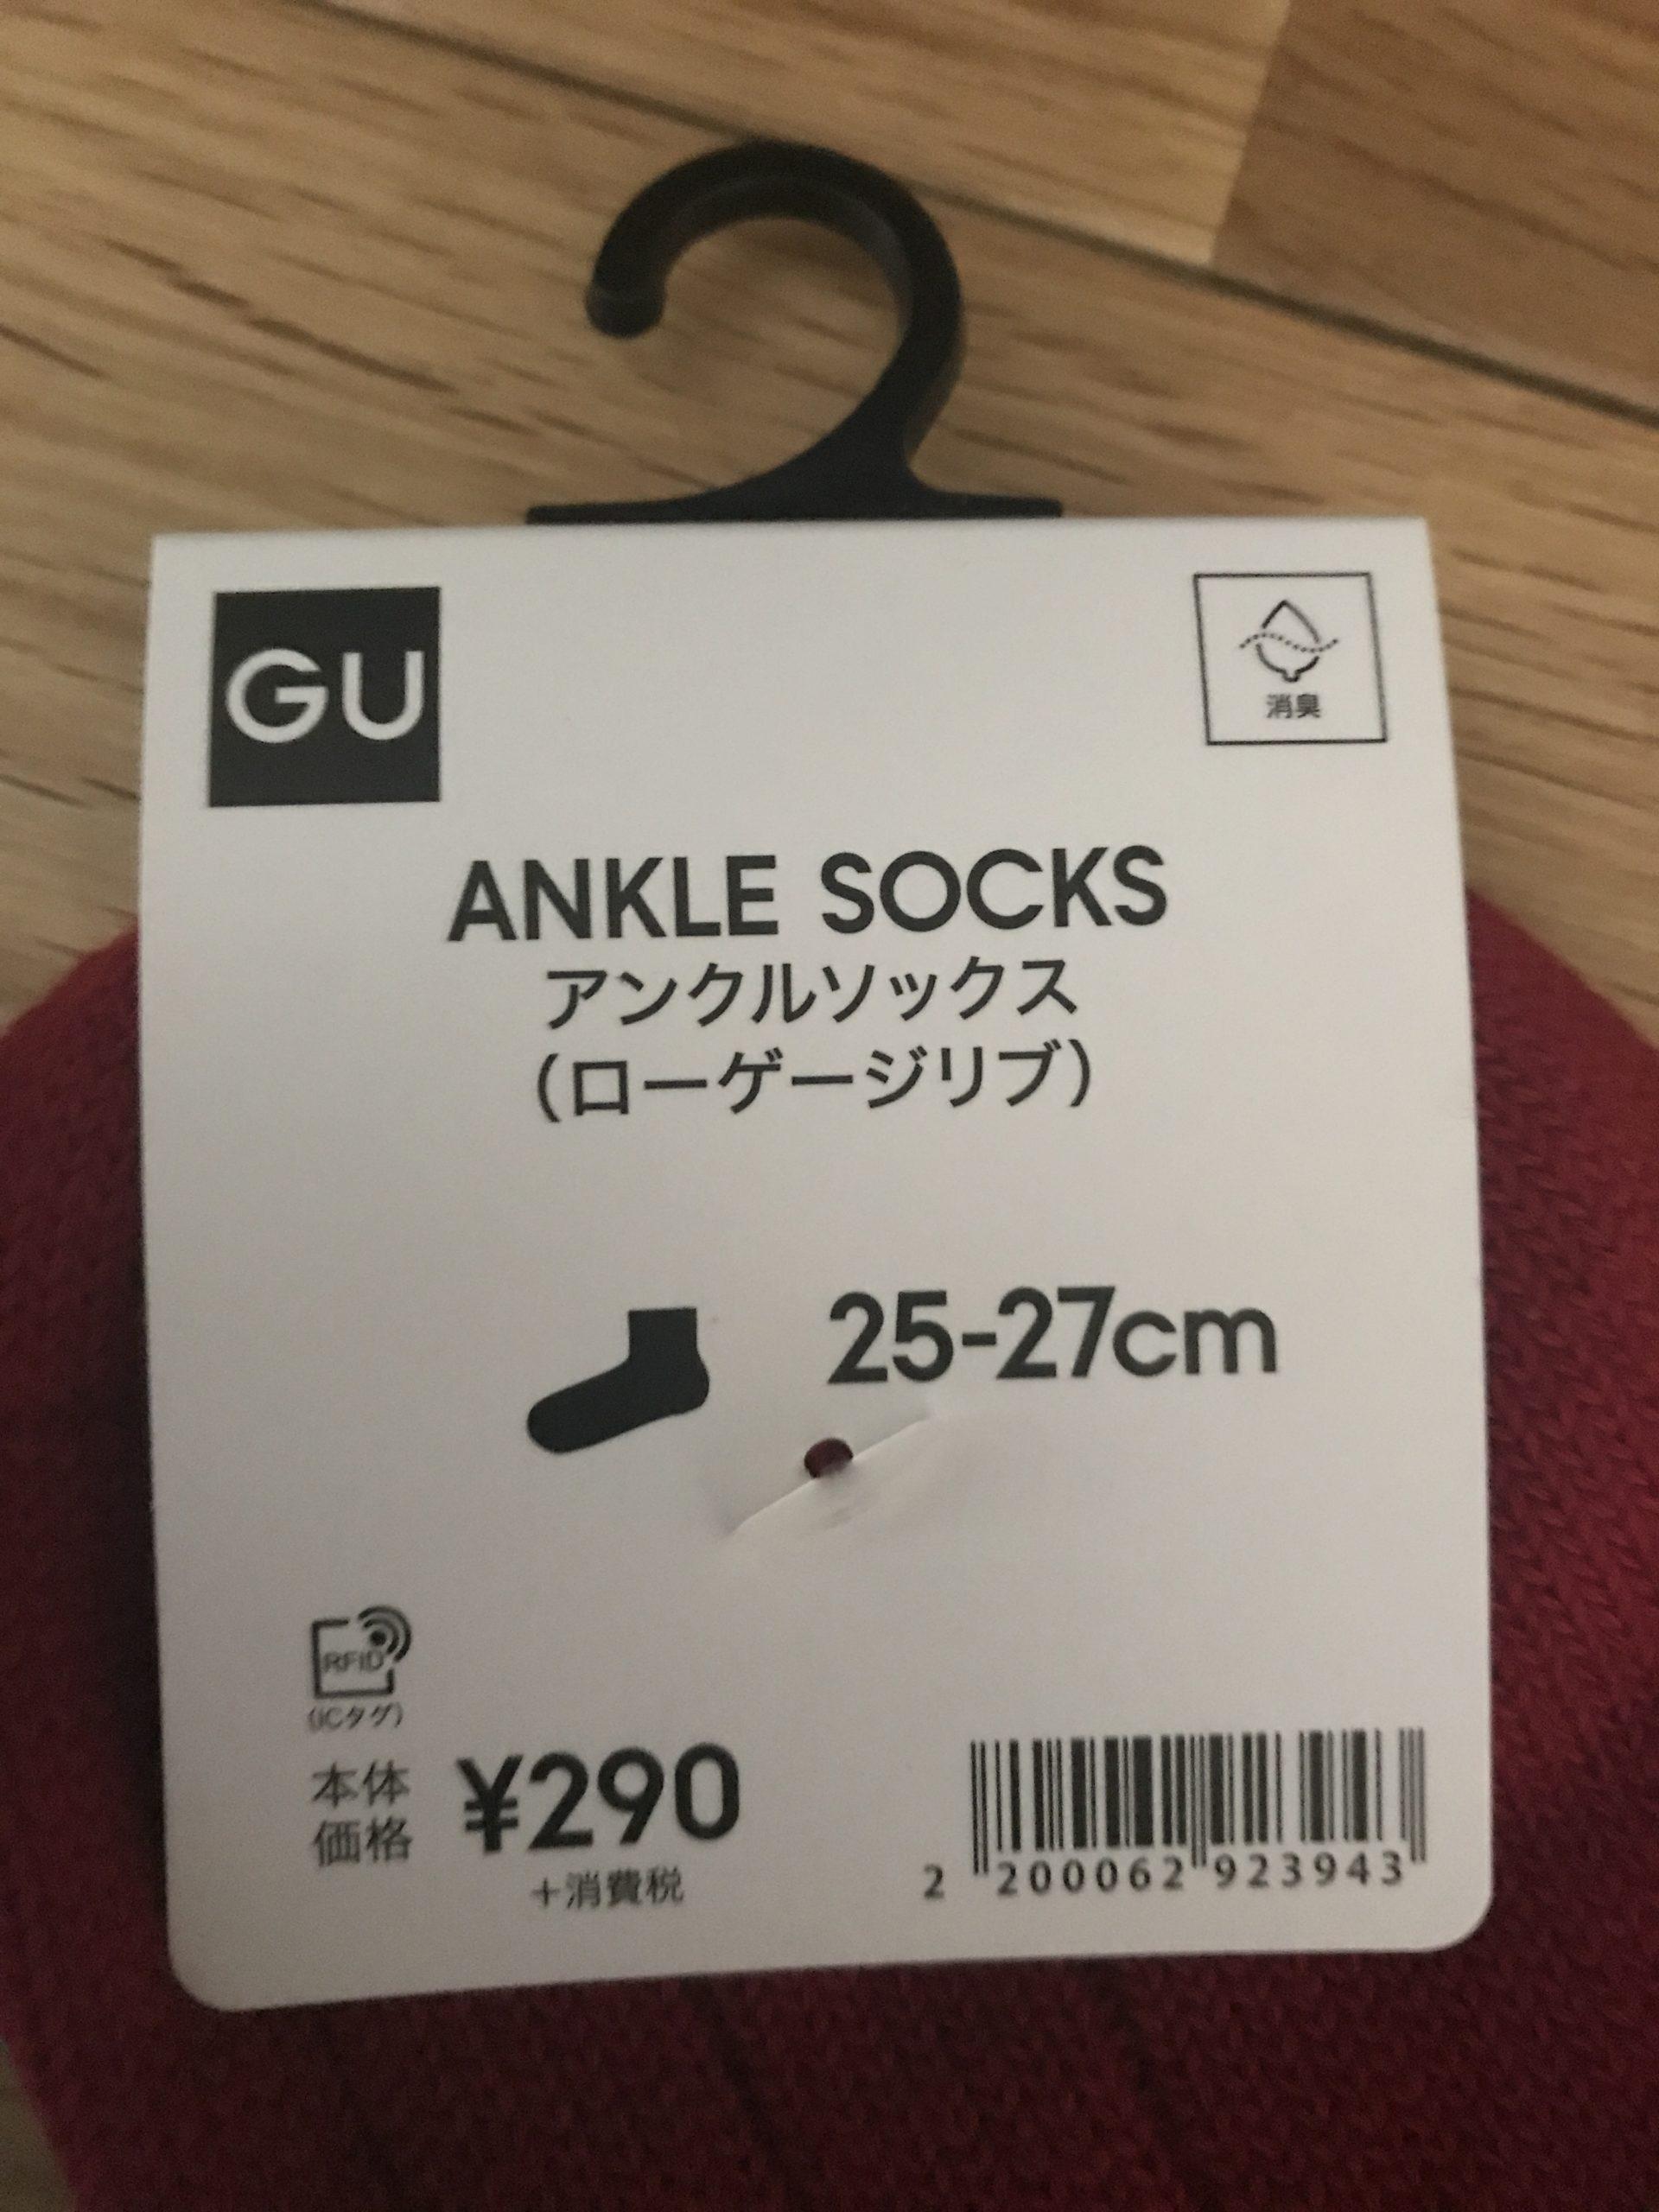 【メンズ・レディース】gu靴下と無印靴下の徹底比較!おすすめのくつ下はどっち?【タイツも有り】